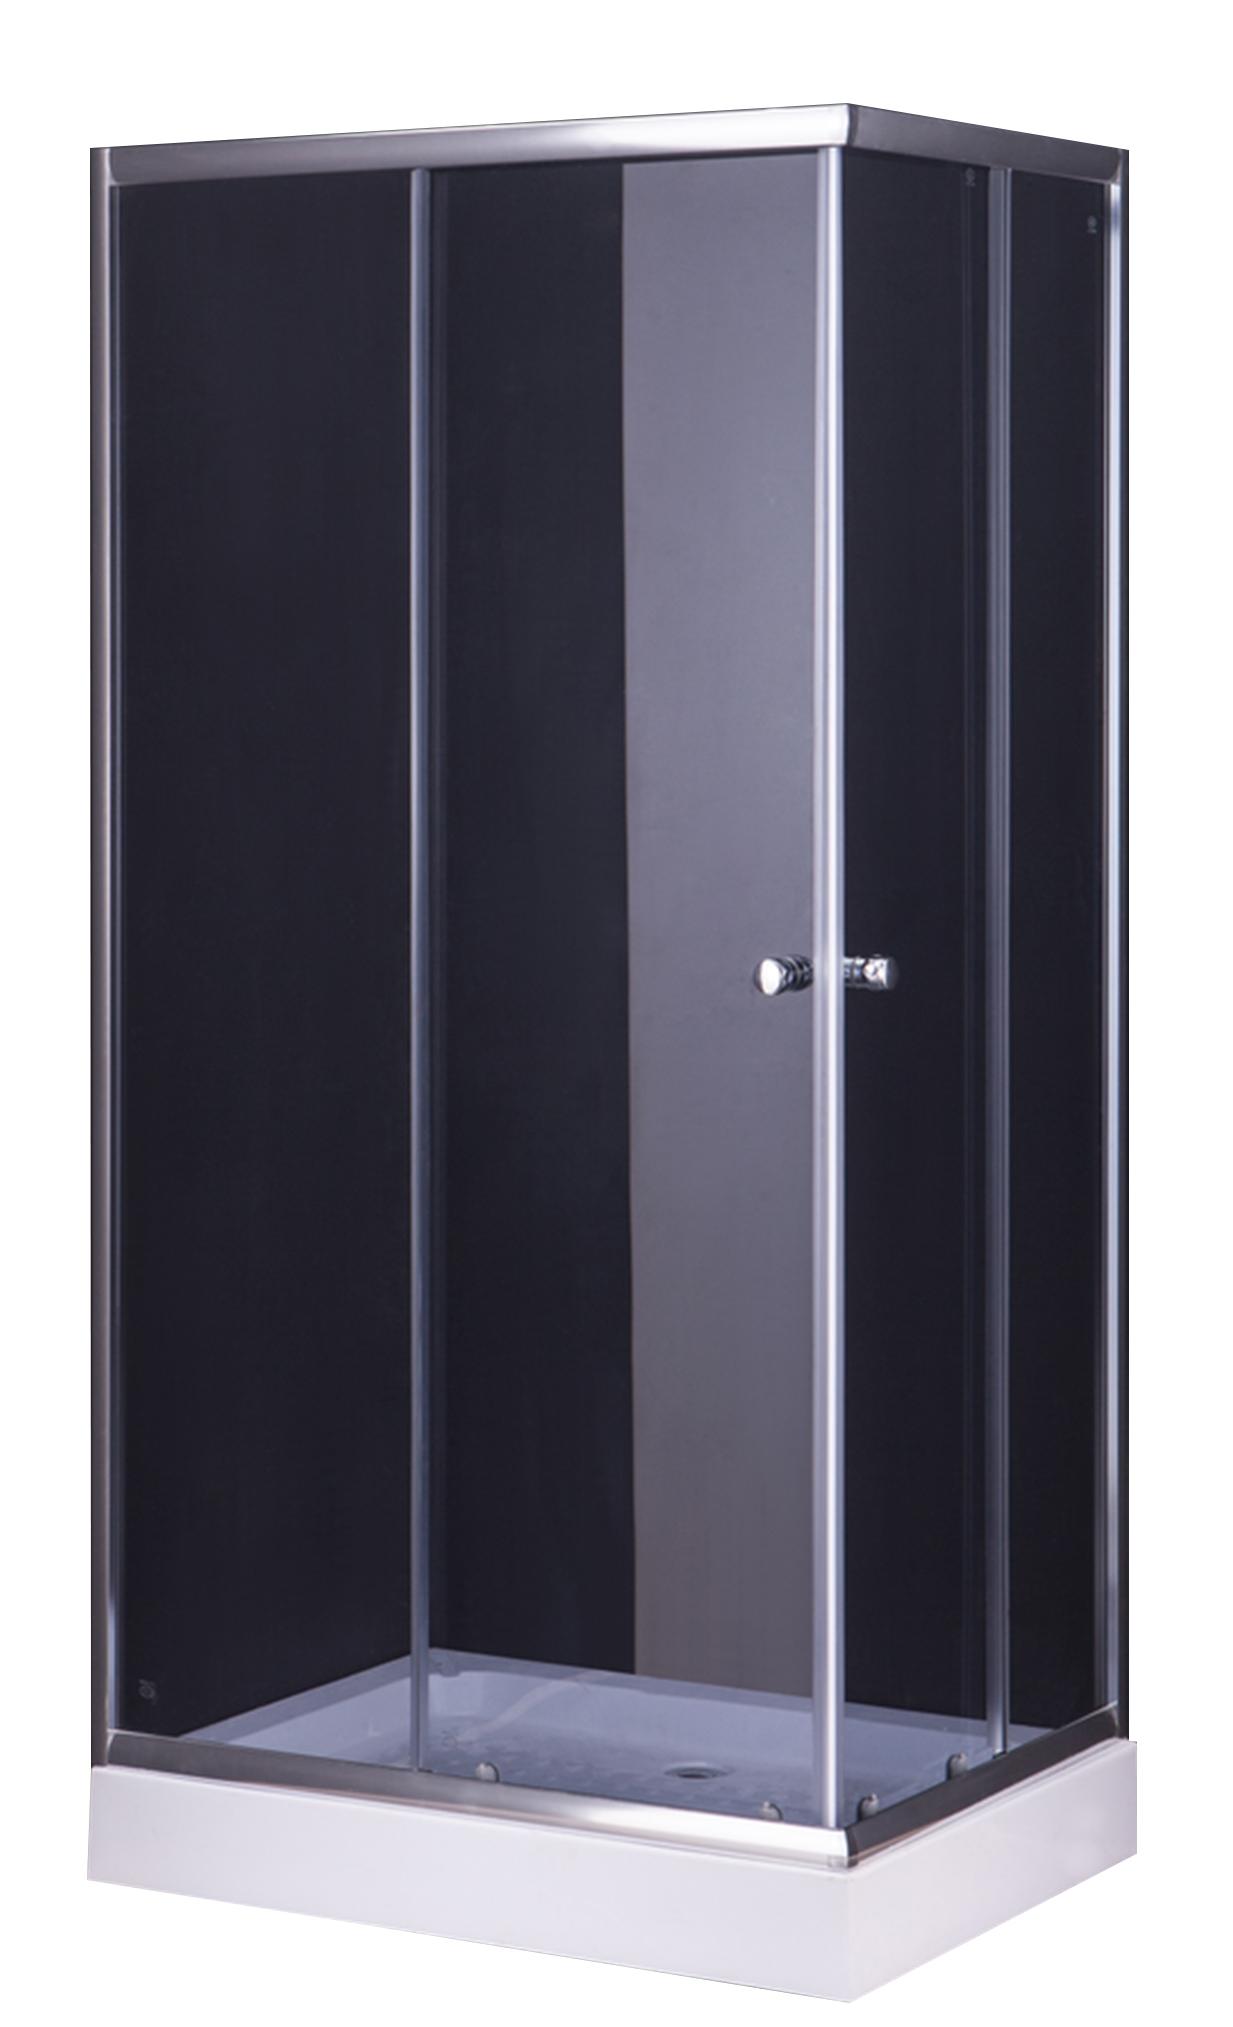 TRENTO 100x70 Well Sprchový kout s nízkou vaničkou, skladem